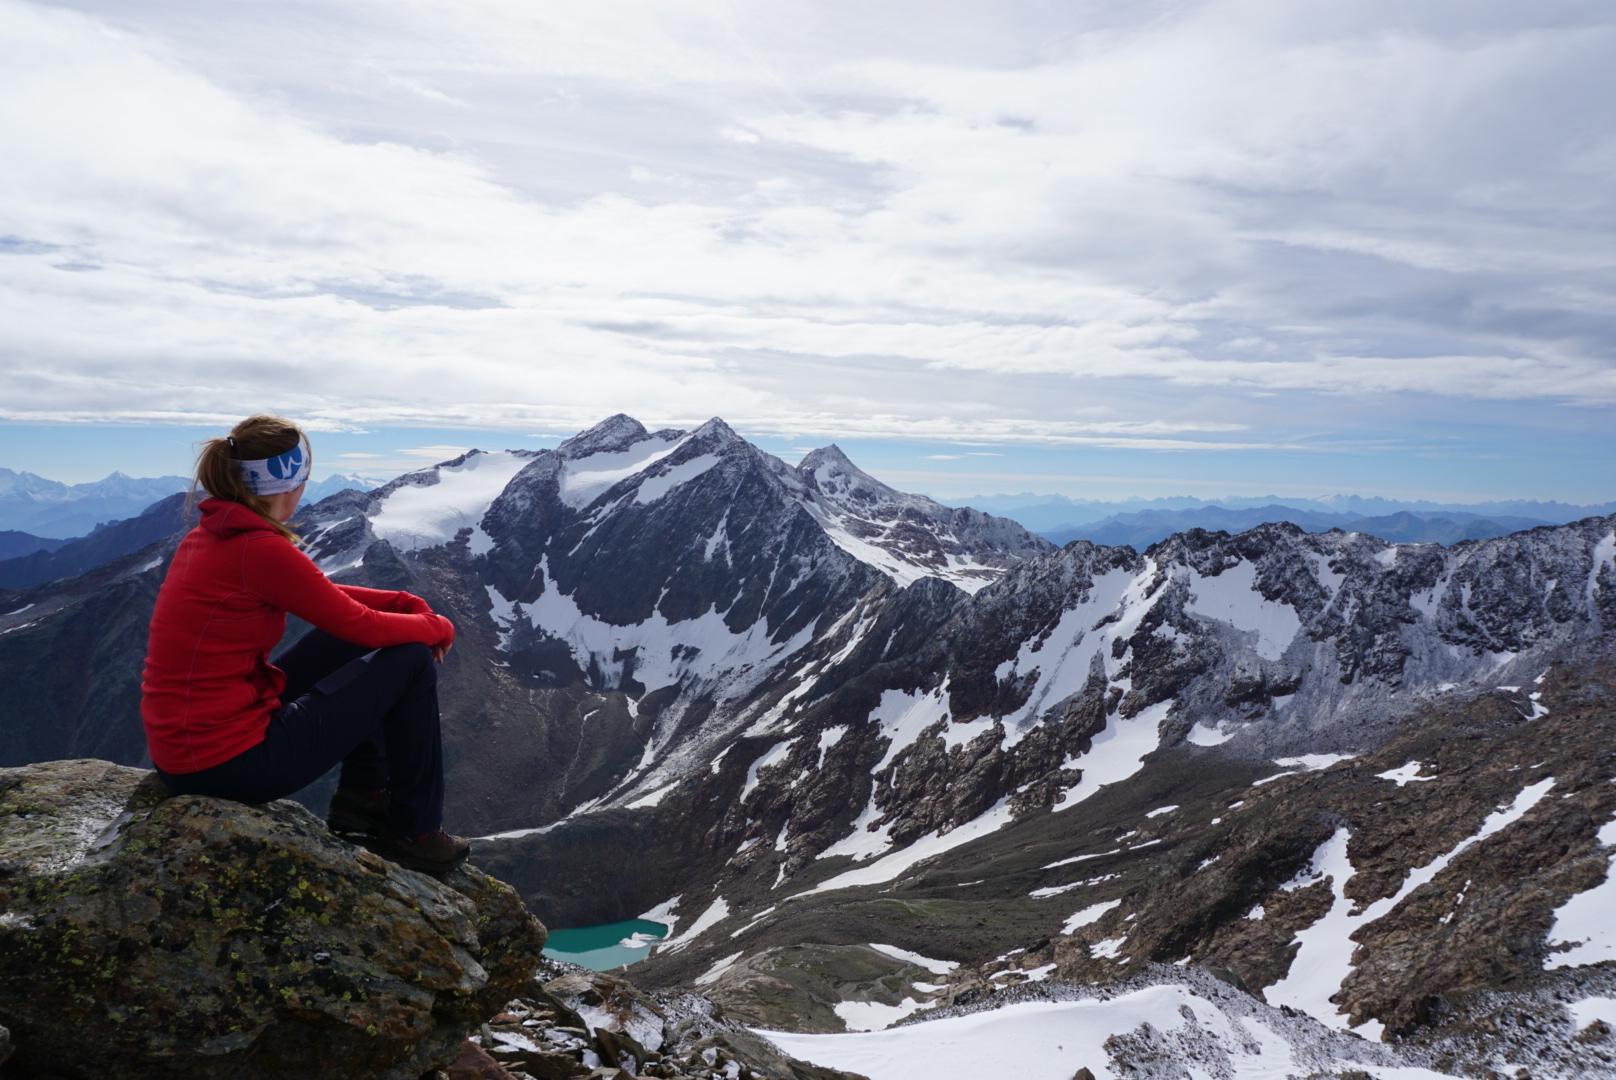 Munich Mountain Girl Dana Schultchen mit Blick auf verschneite Gipfel